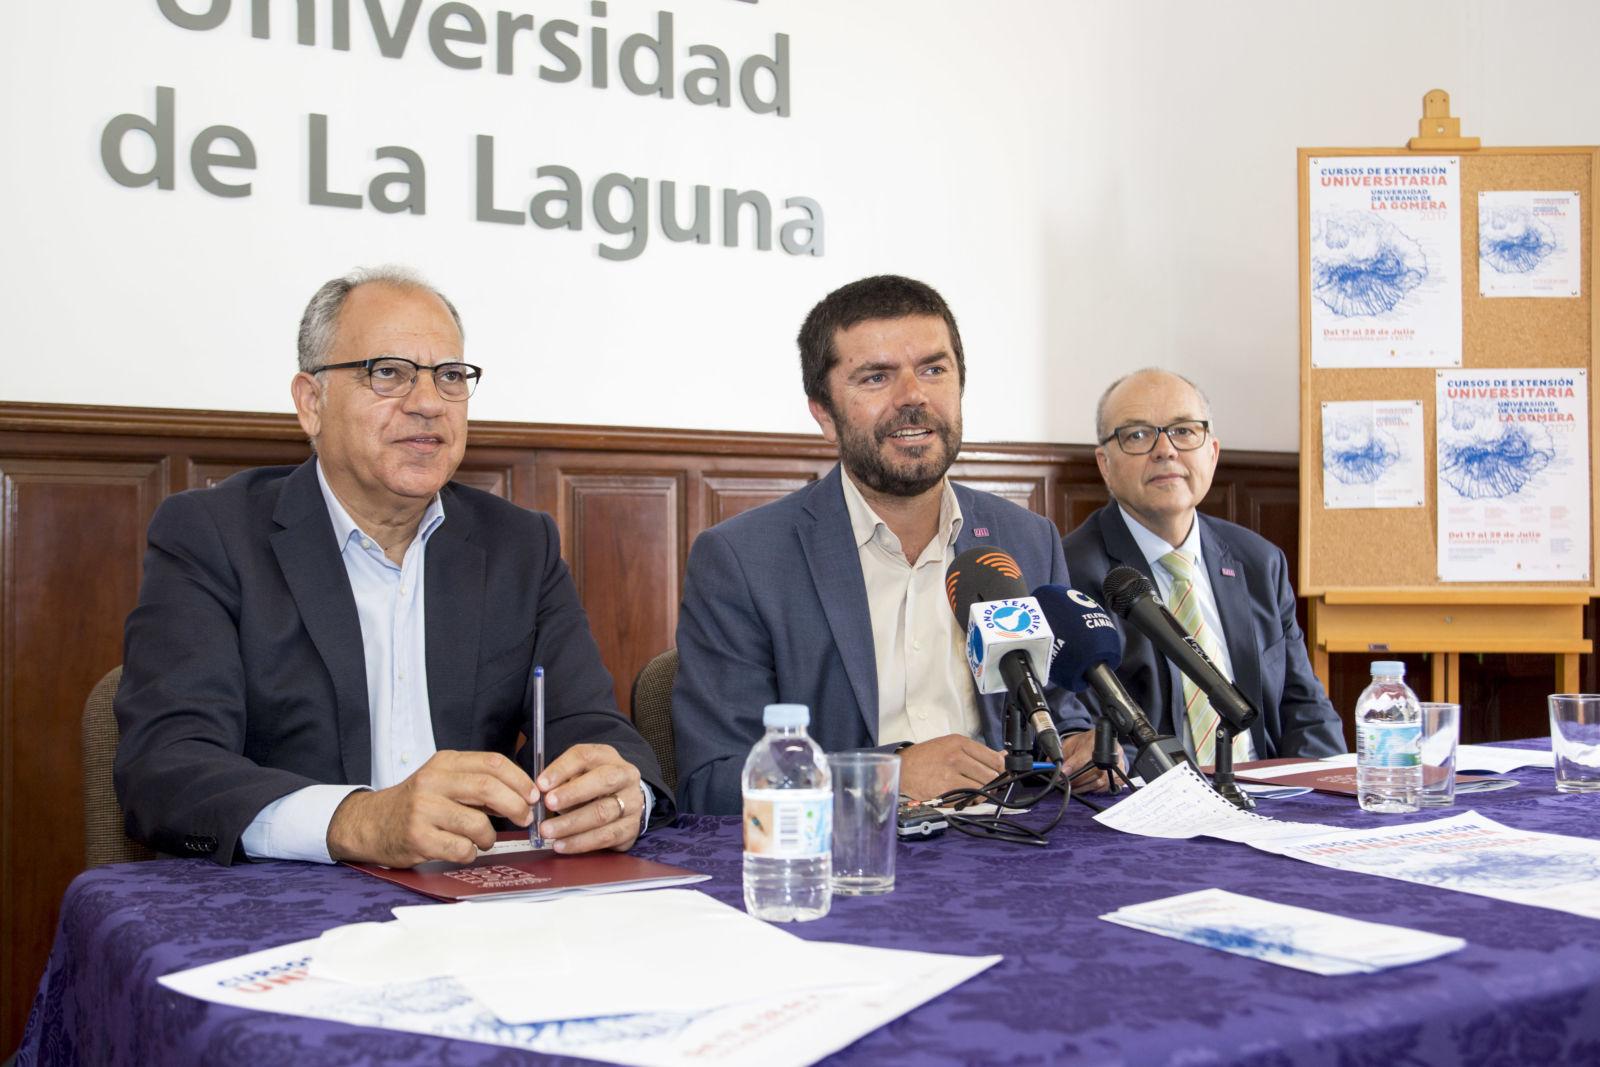 Presentación de la Universidad de Verano de La Gomera